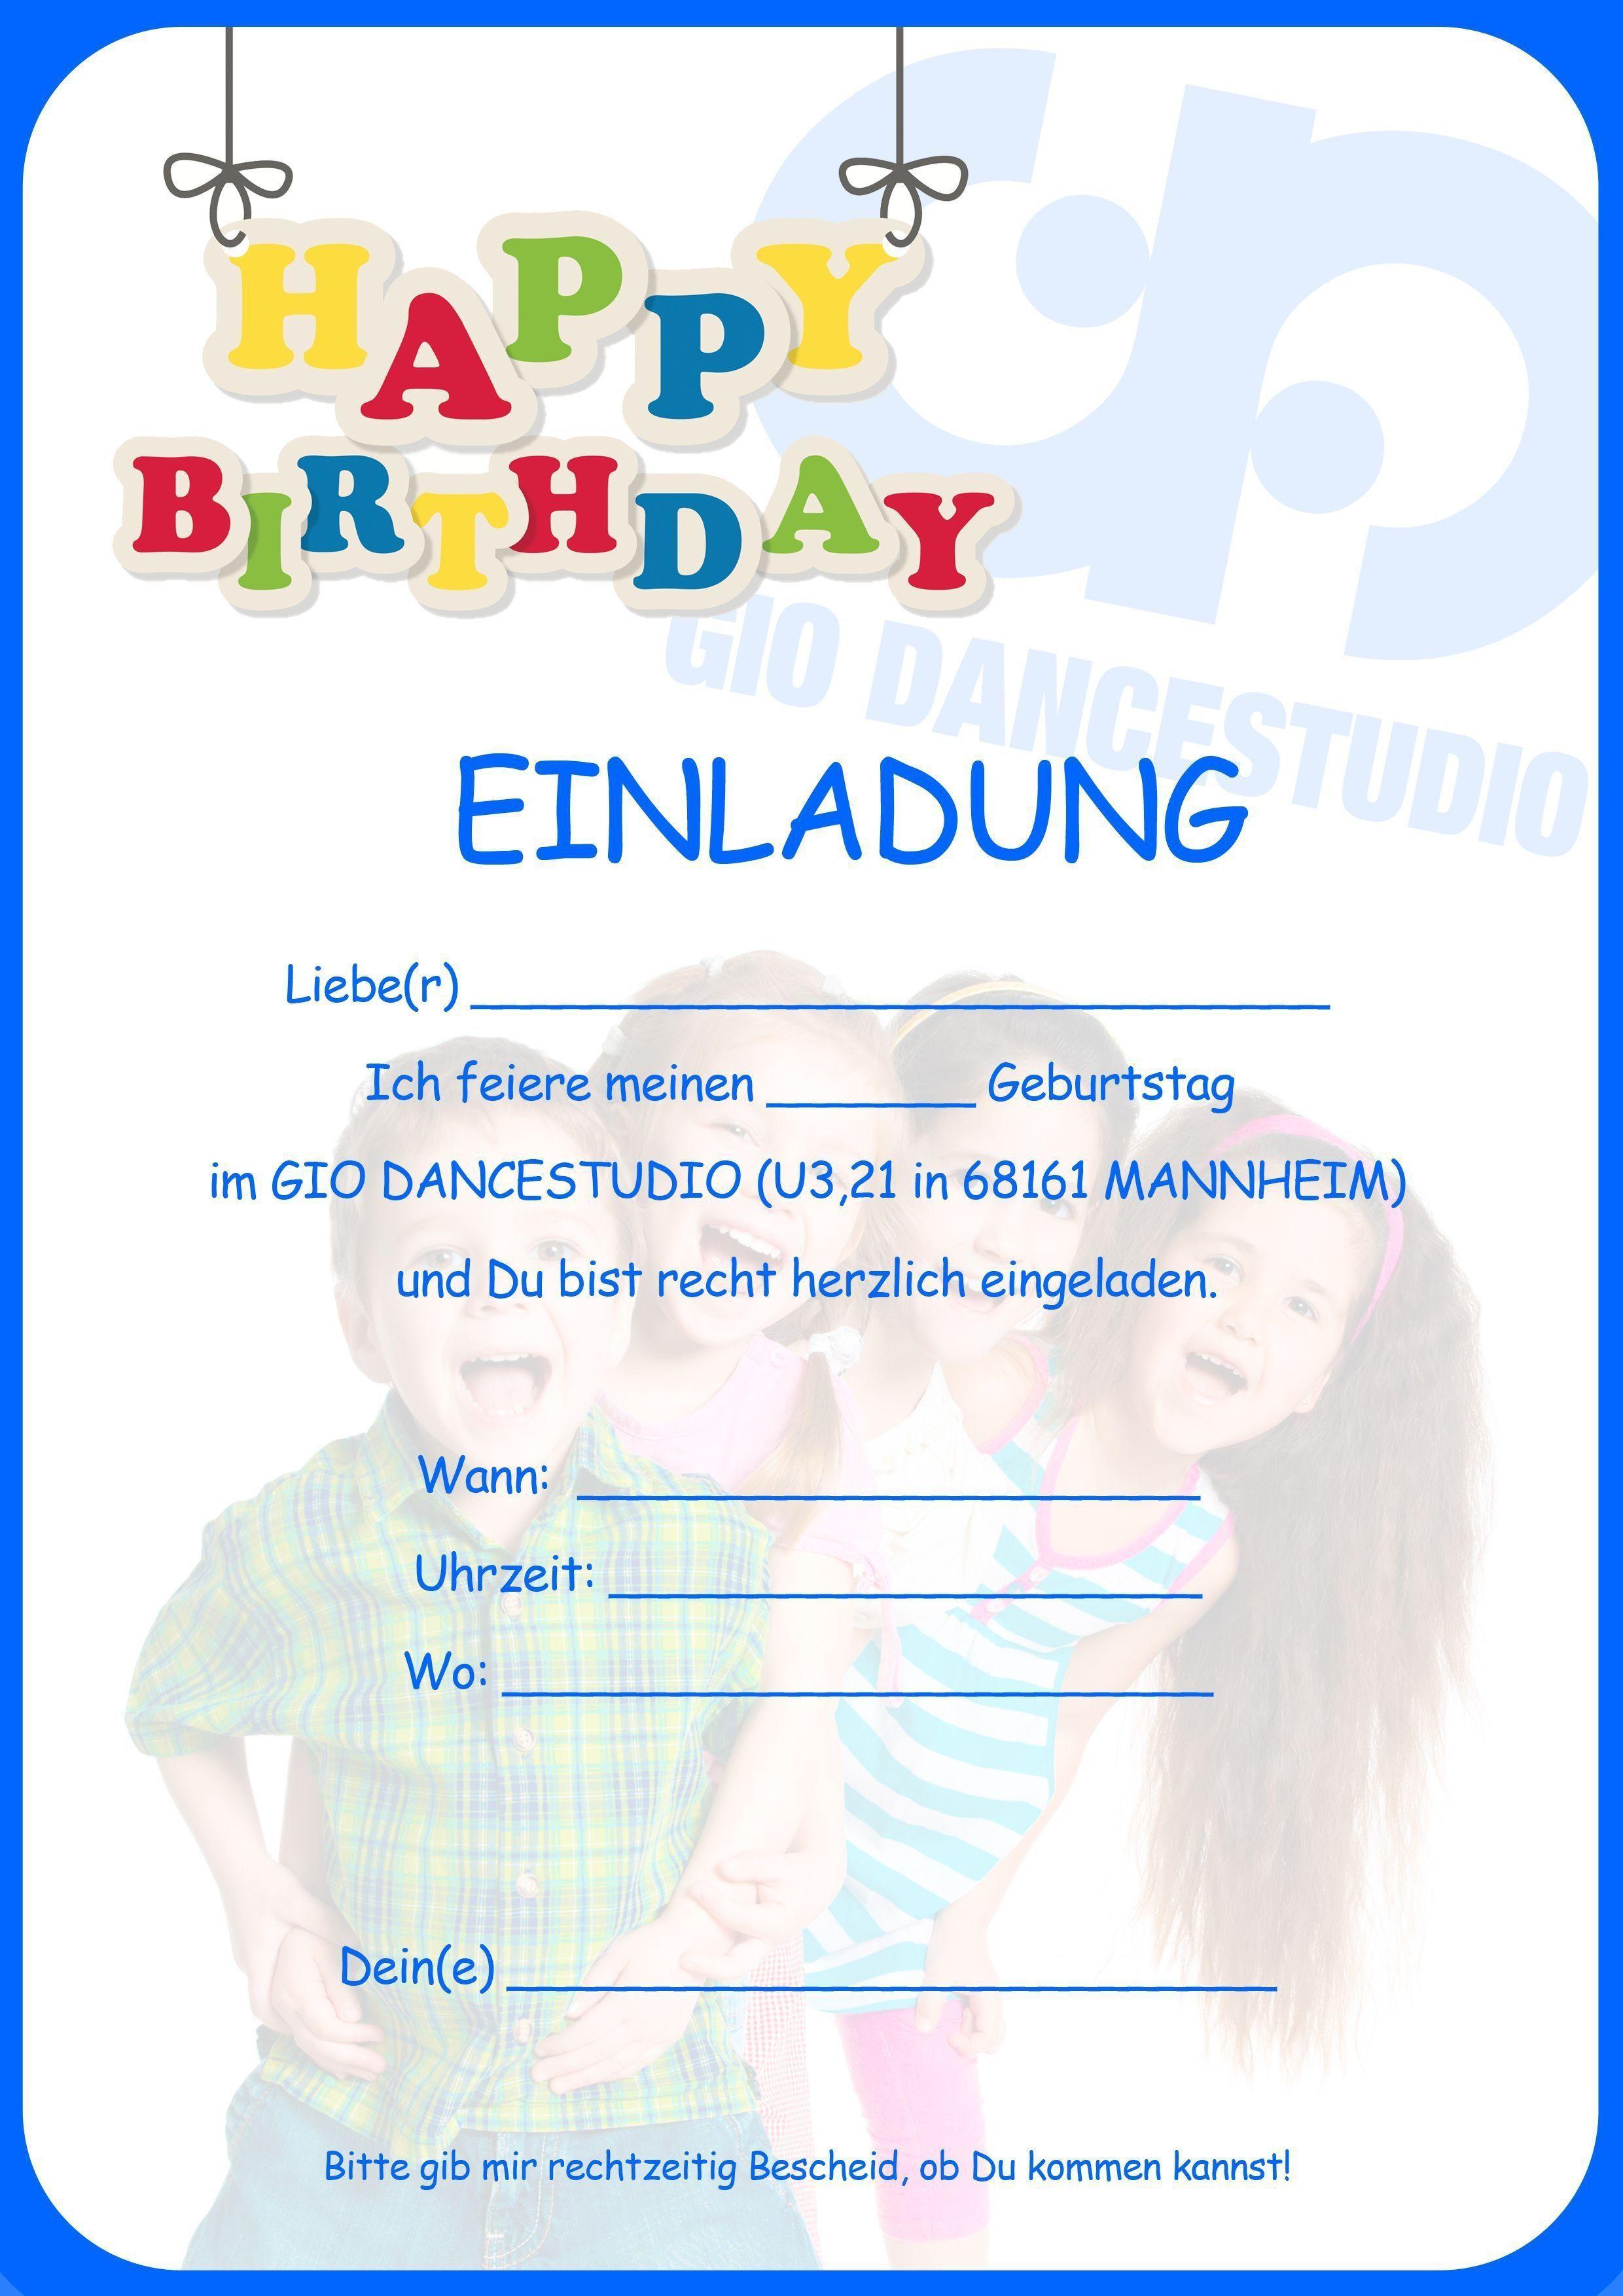 Einladung Kindergeburtstag Vorlage Geburtstag Einladungkarten Einladungskarten Kindergeburtstag Kostenlos Zum Ausdrucken Geburtstag Di 2020